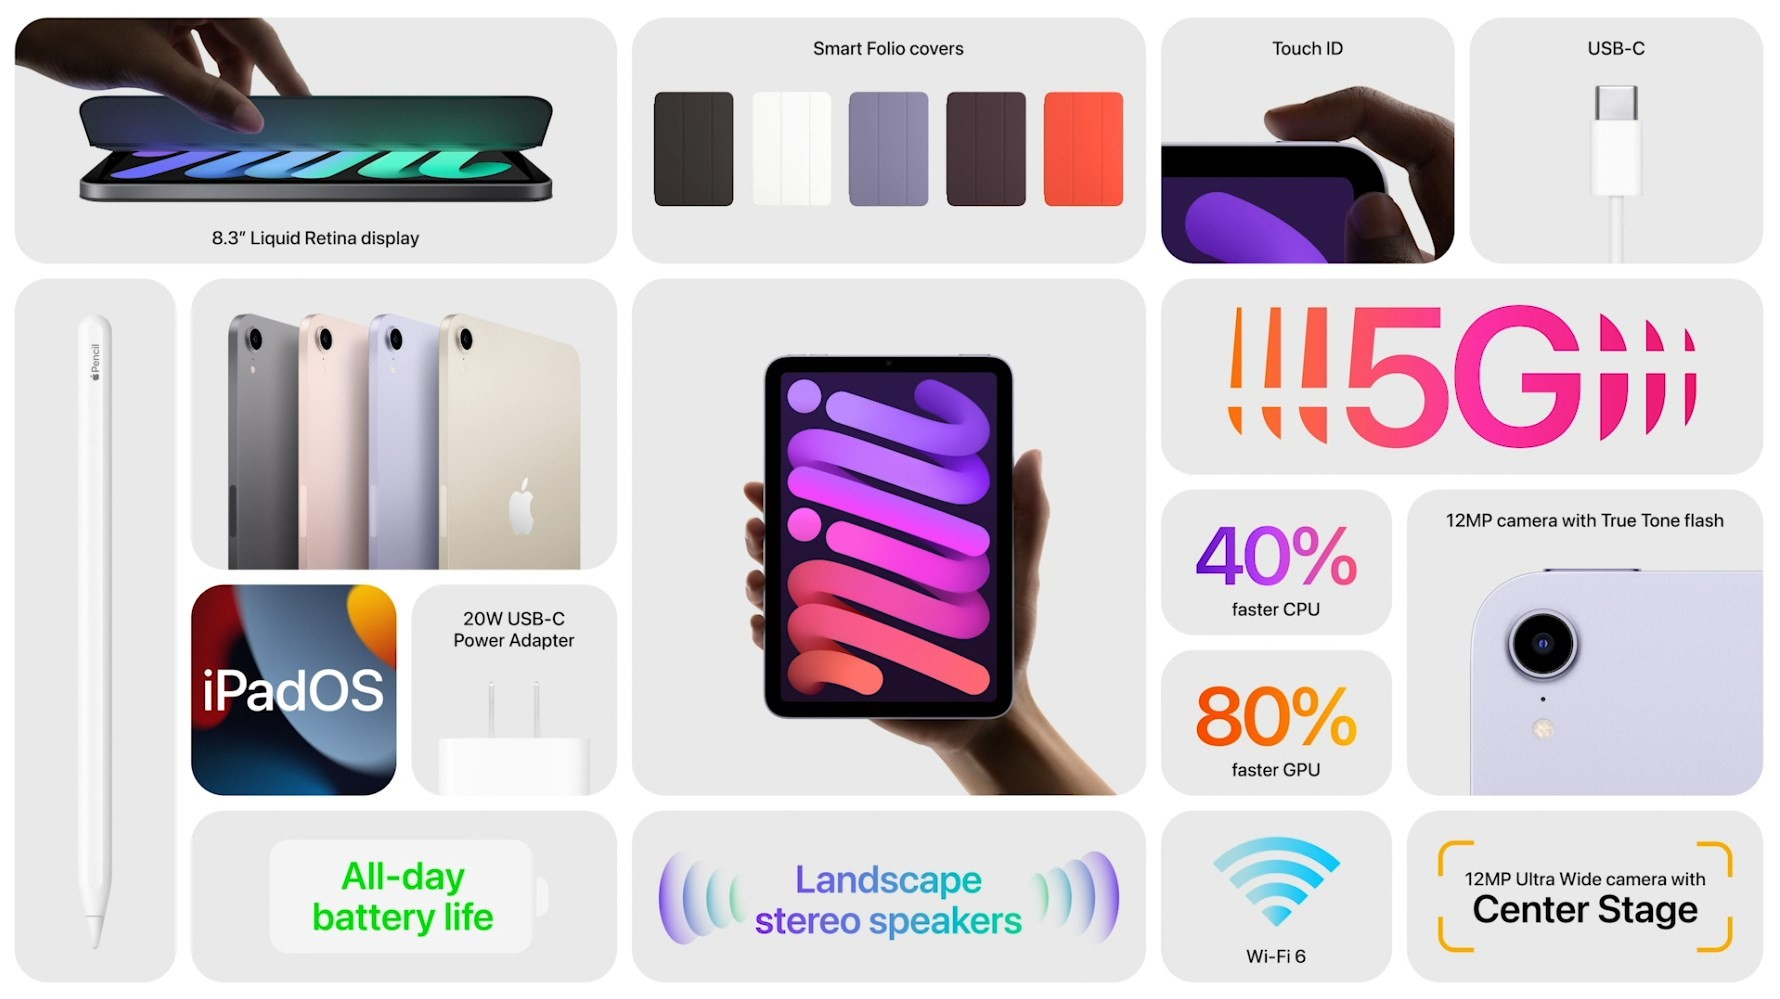 Itt az új 2021-es 5G iPad mini és iPad